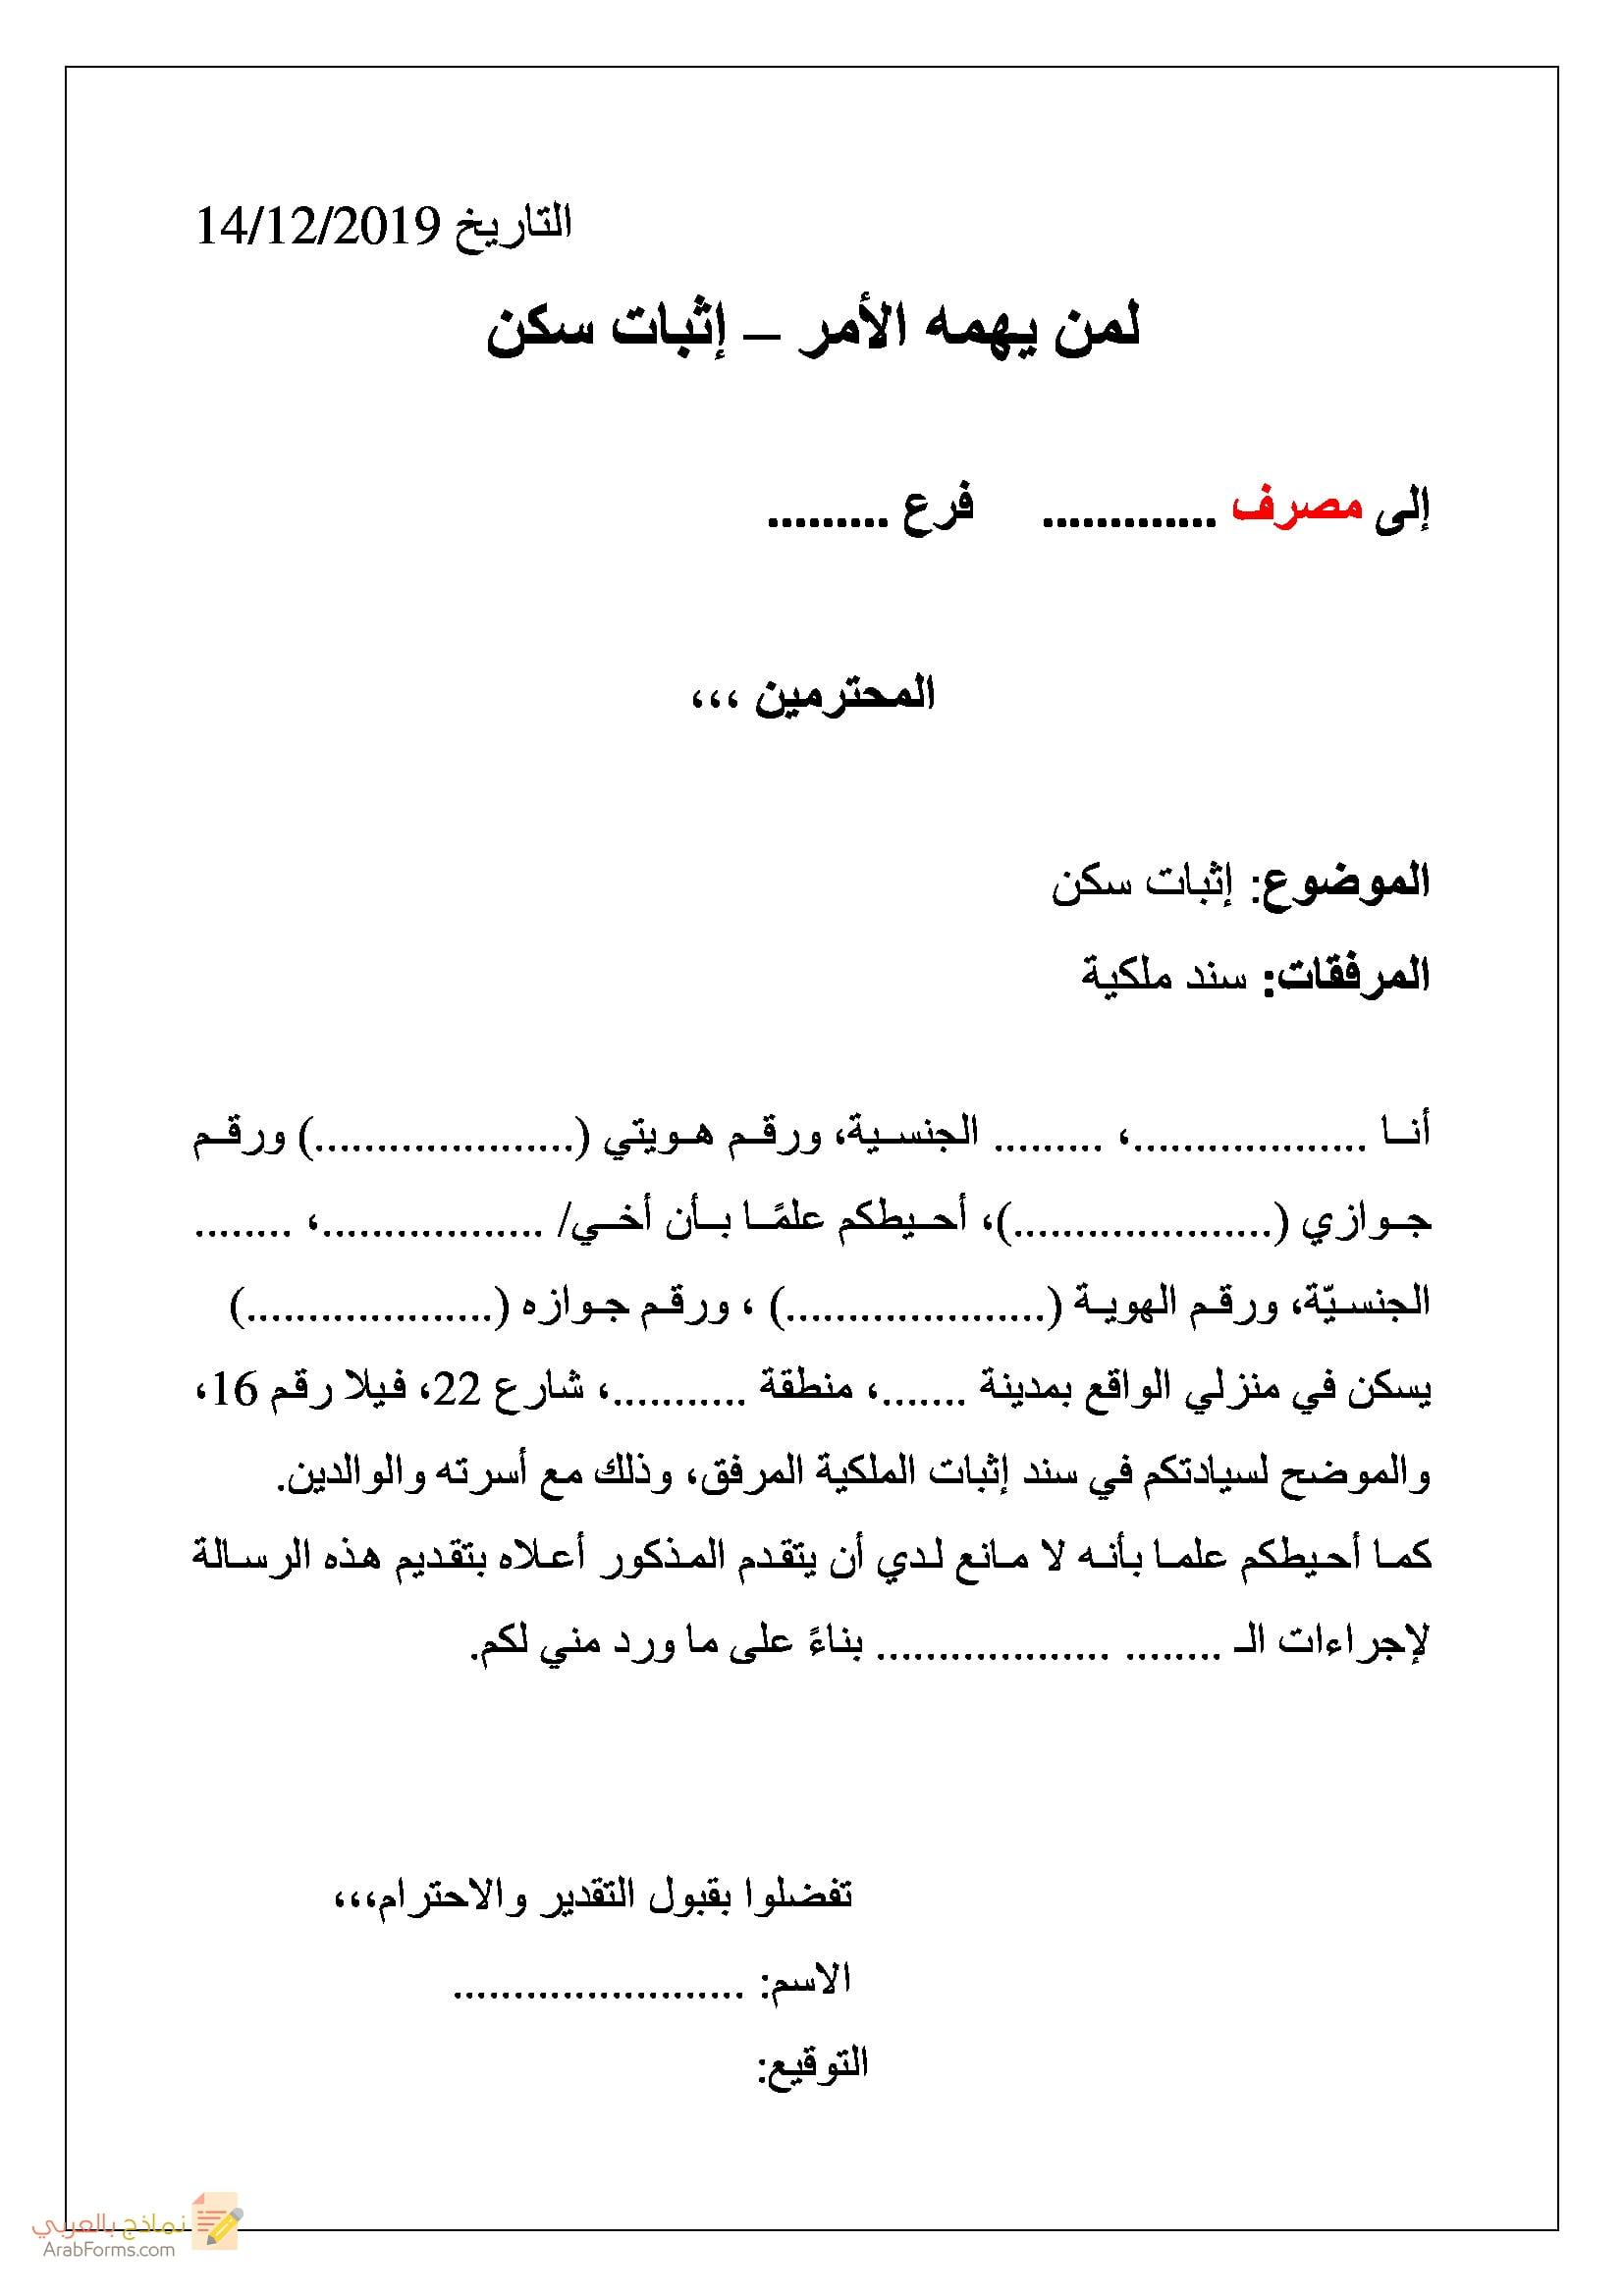 نموذج اثبات سكن للتحميل مجانا نماذج بالعربي